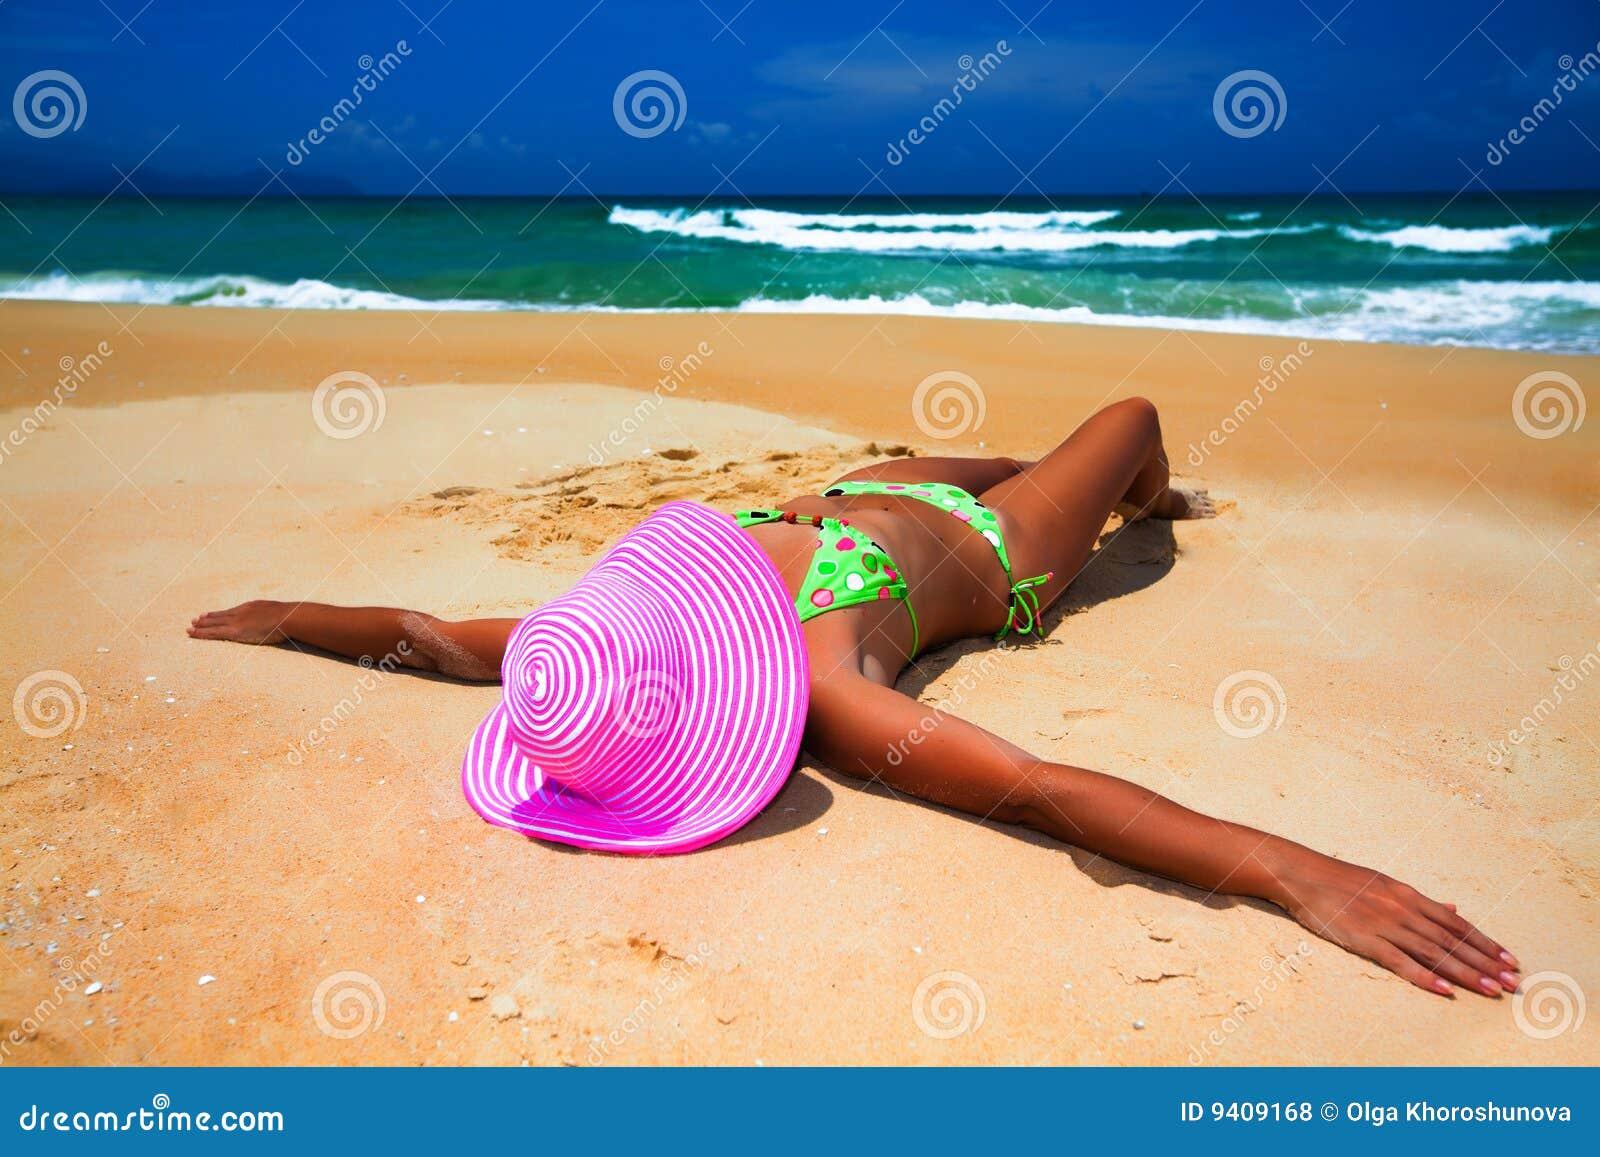 Пляж девушки фото отдыхают